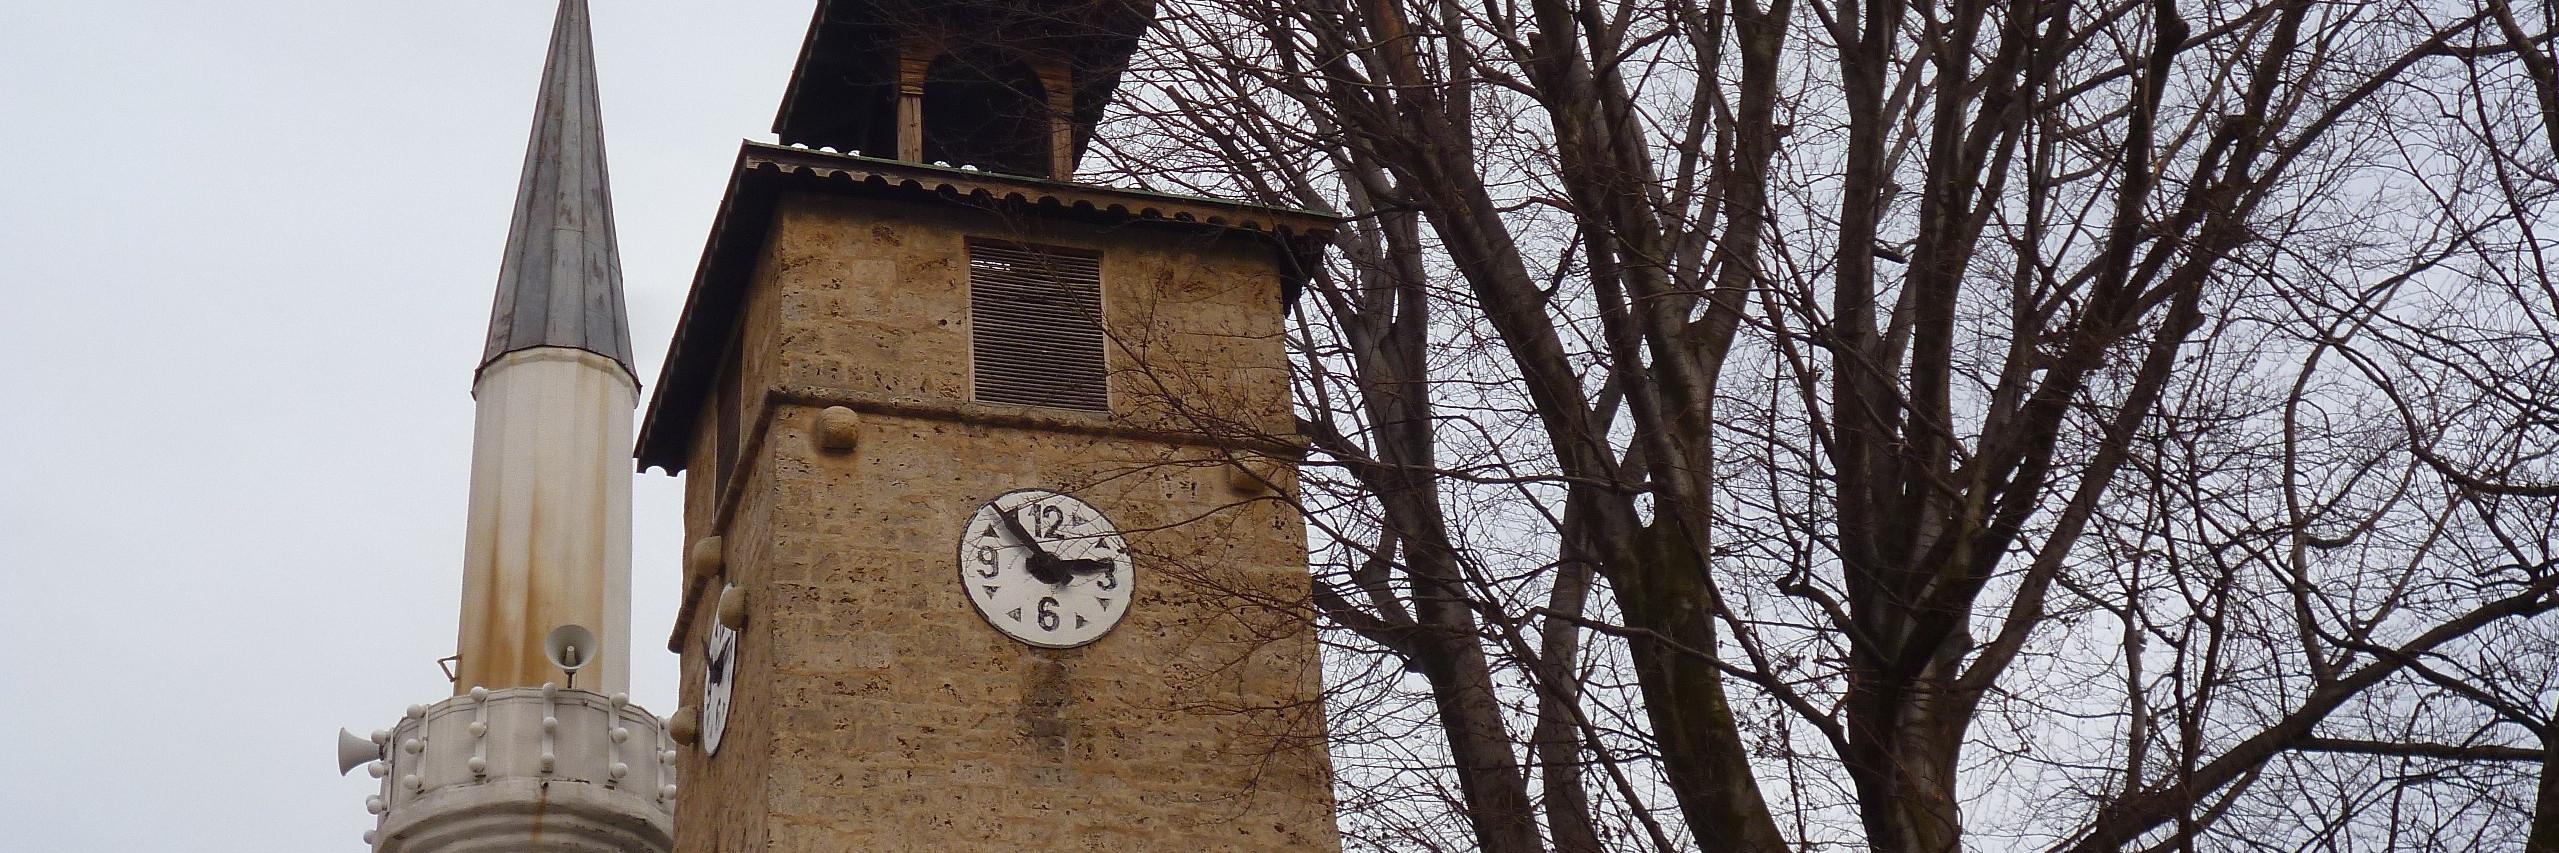 Часовая башня в Горней чаршии в Травнике